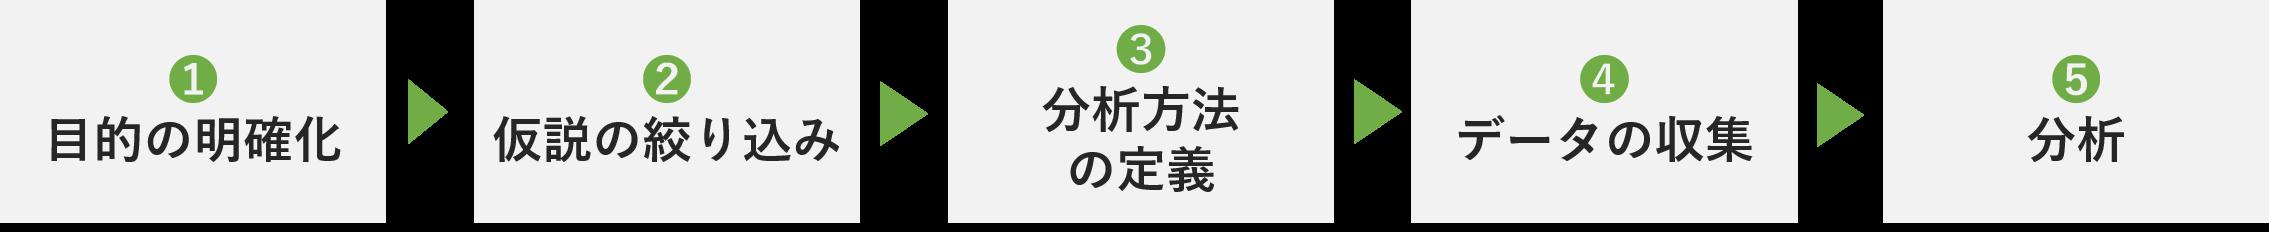 データ分析の5つのステップ